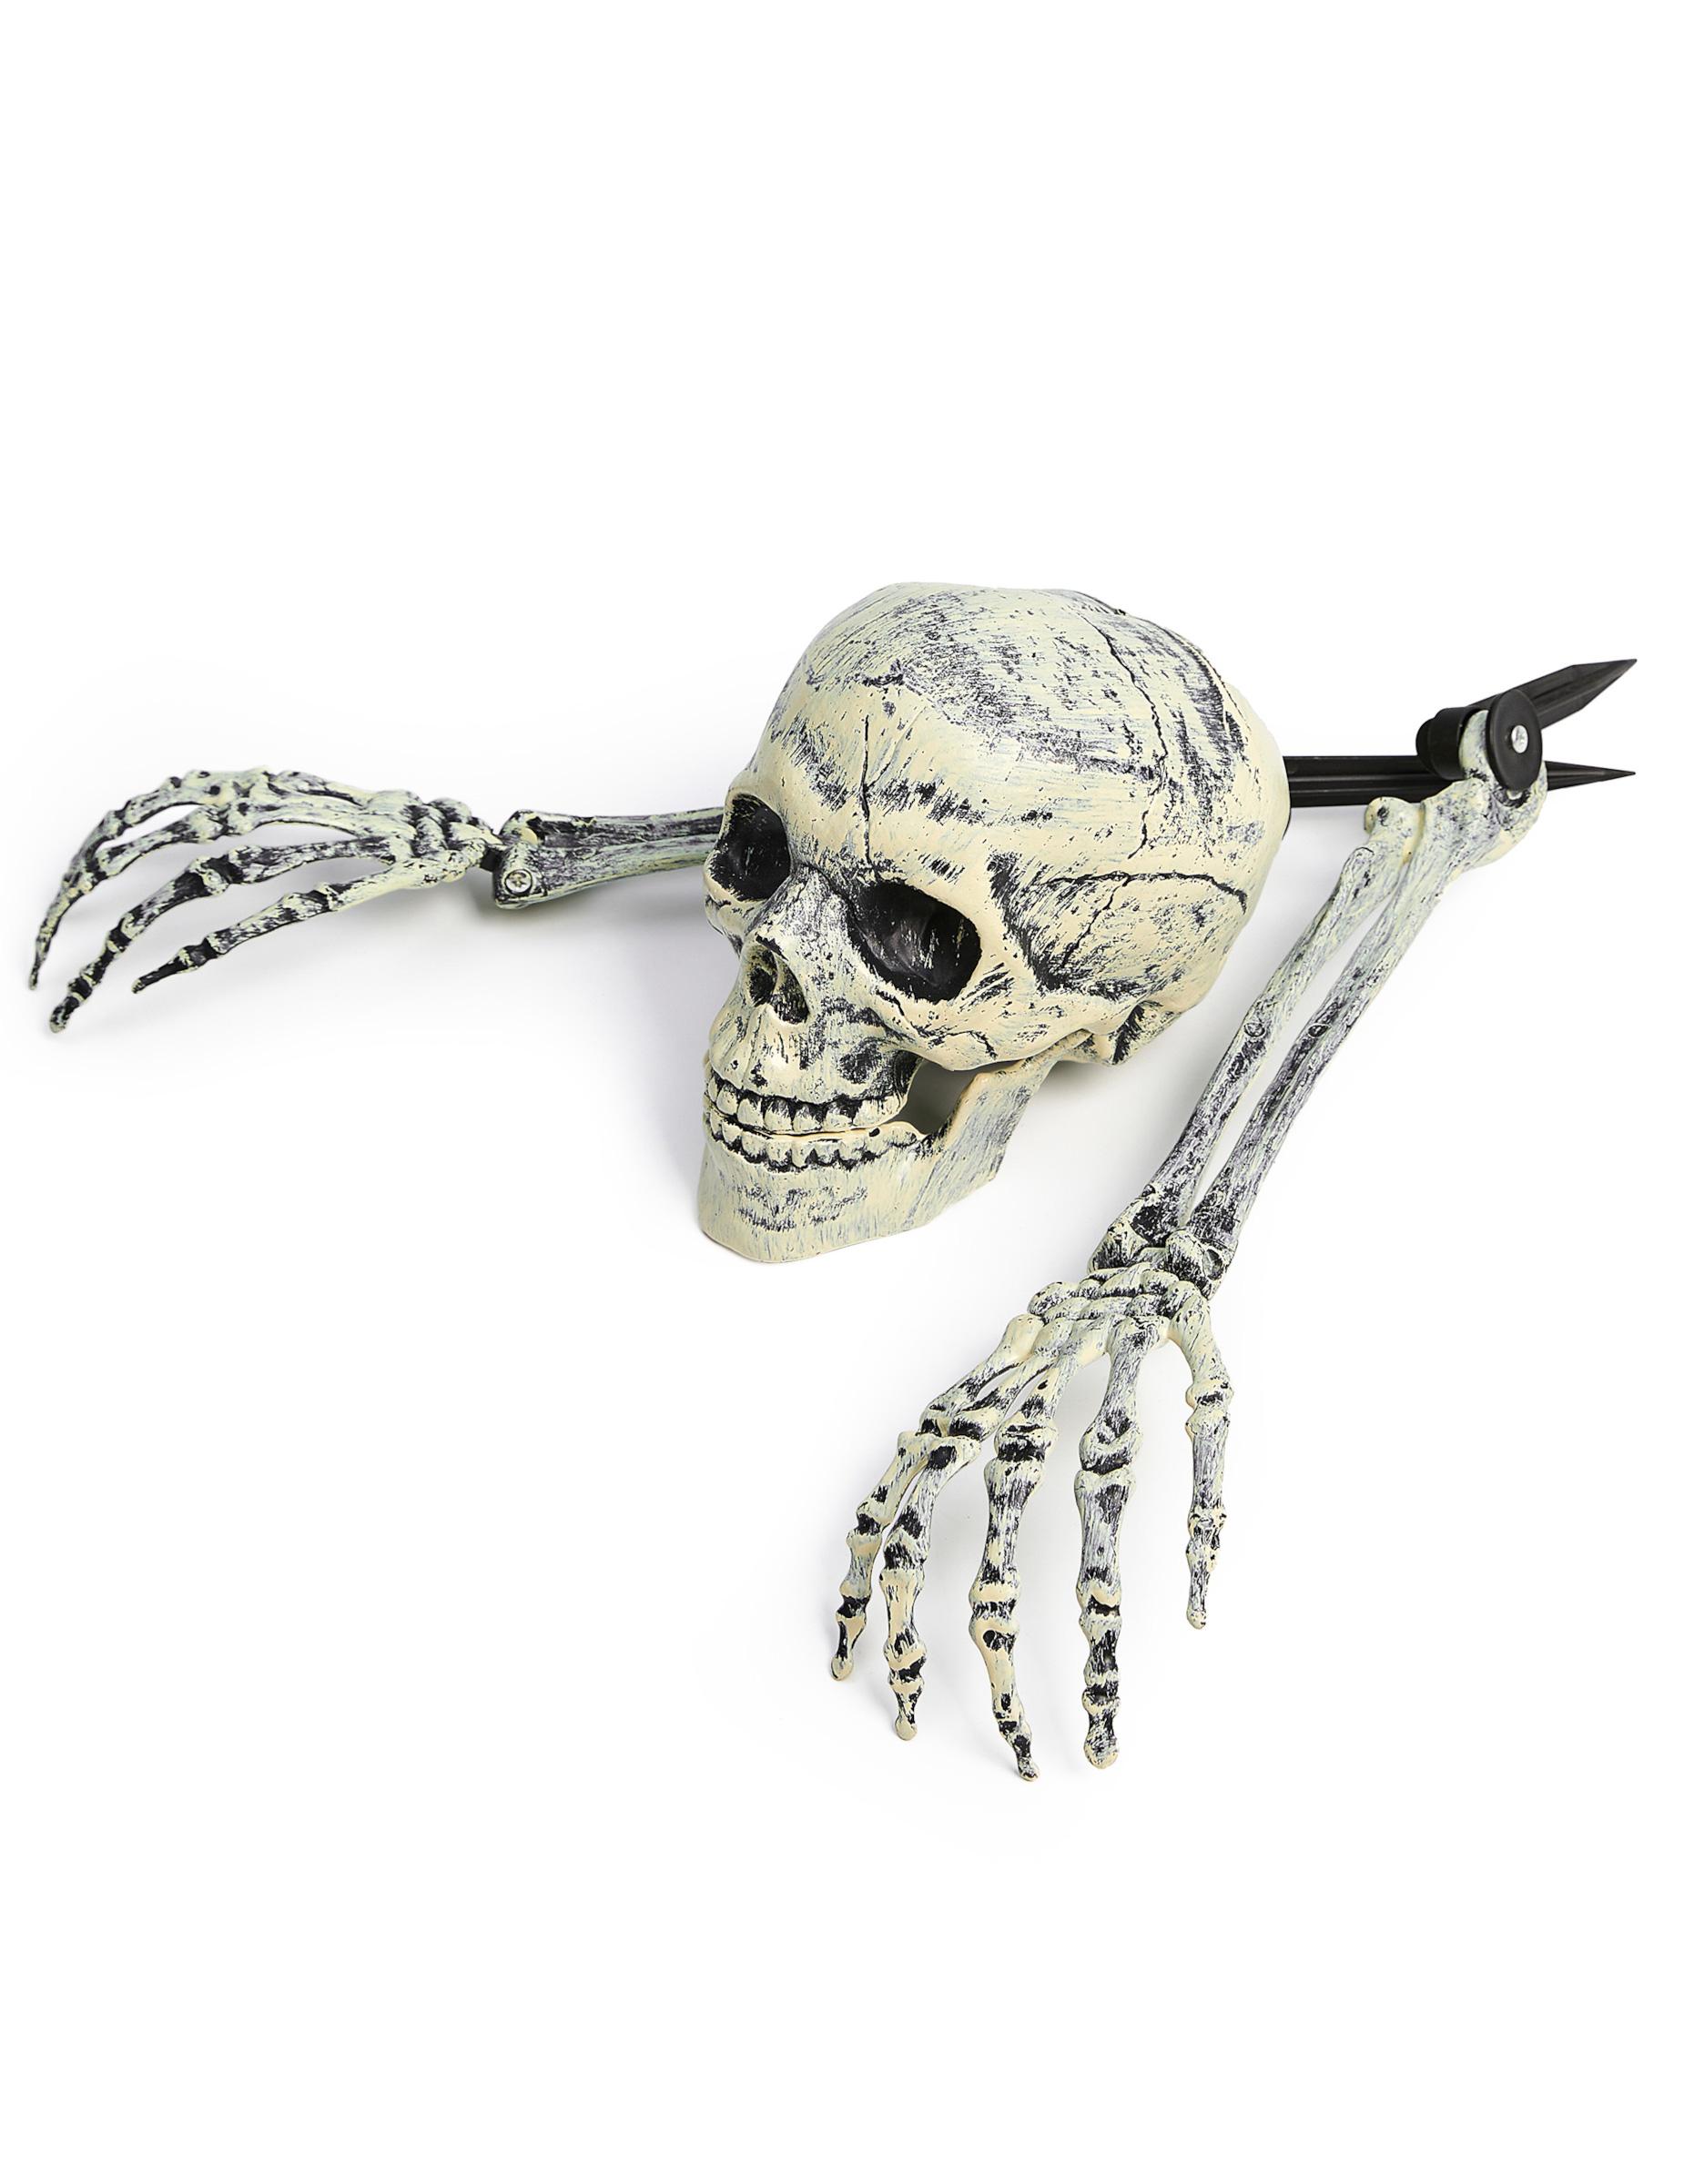 Originele en grappige Halloween skelet decoratie